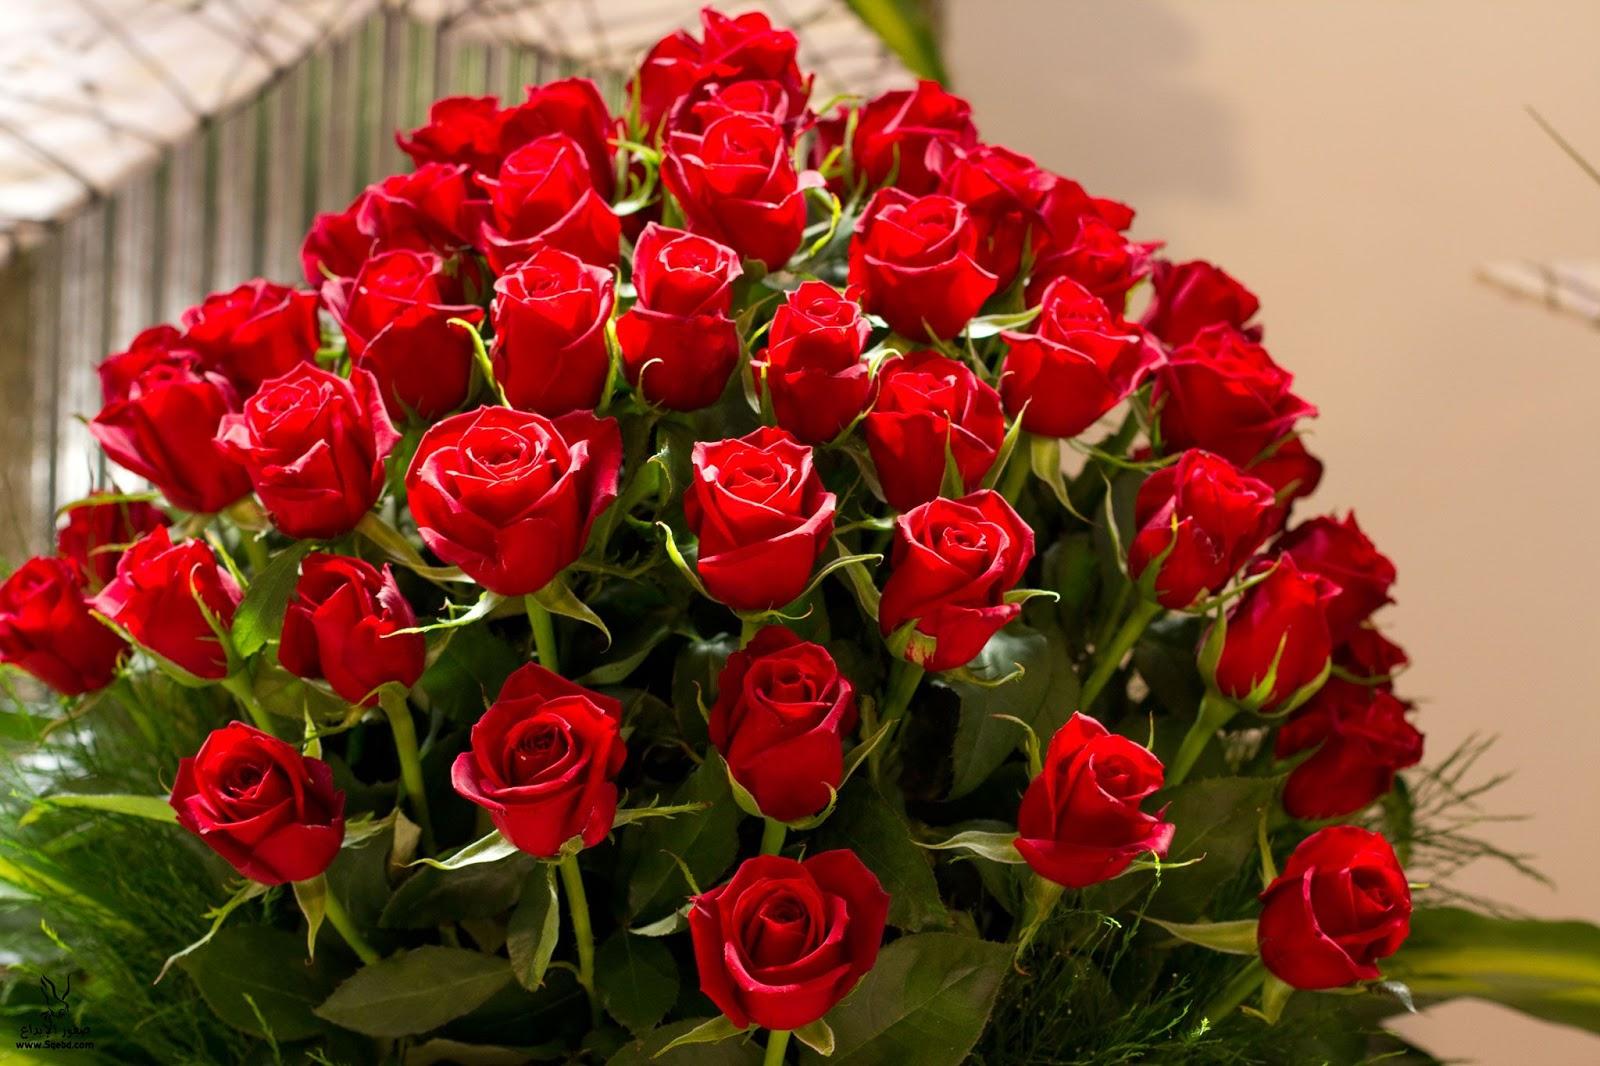 بالصور احلى صور ورد , اجمل واروع صور الورود فى العالم 5699